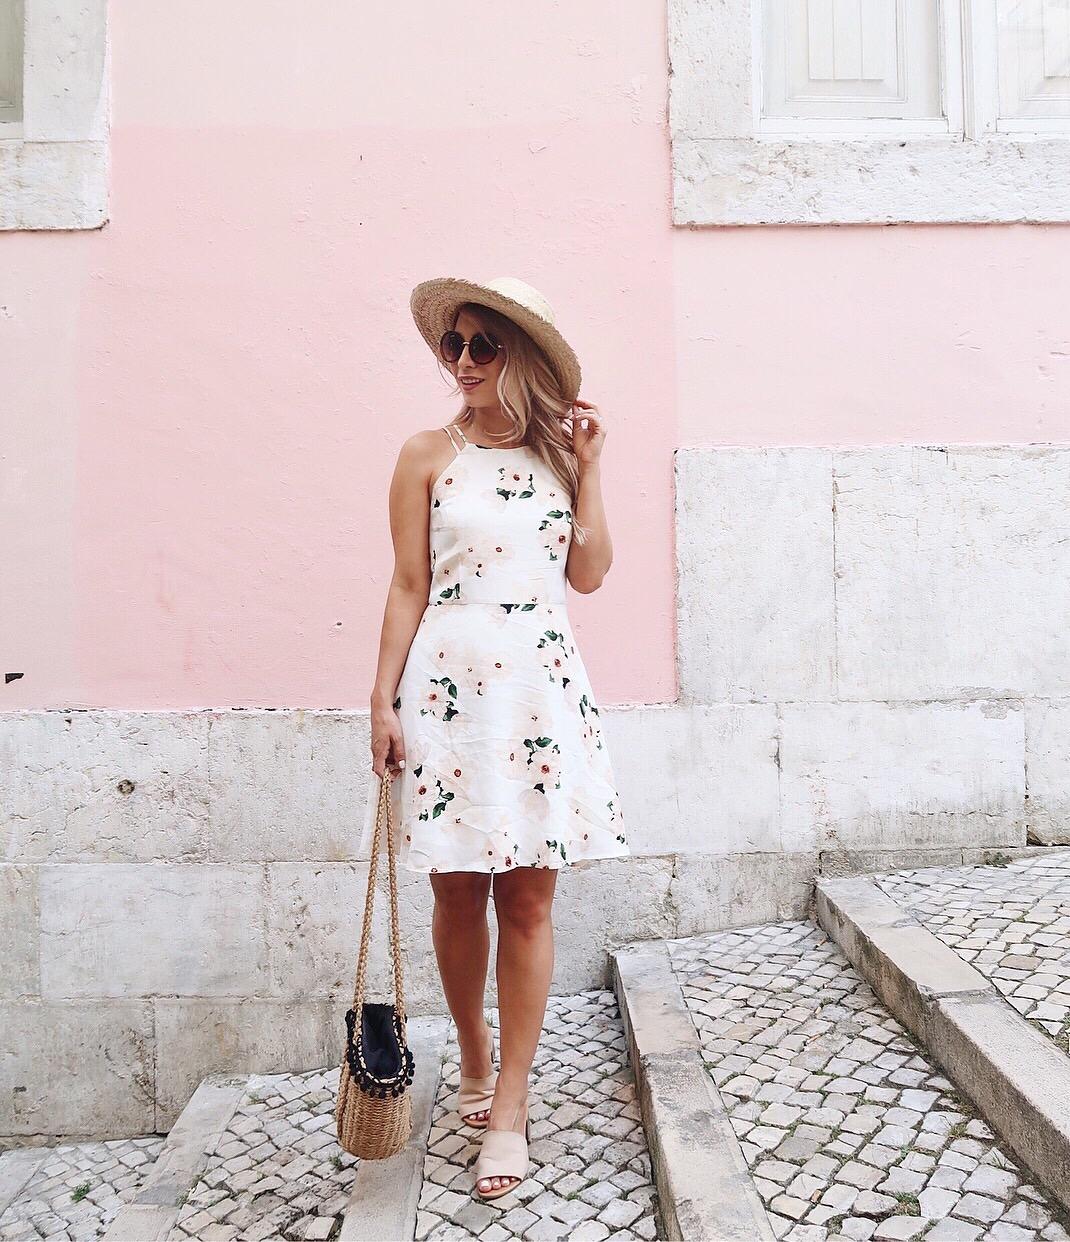 Instagrammable spots Lisbon